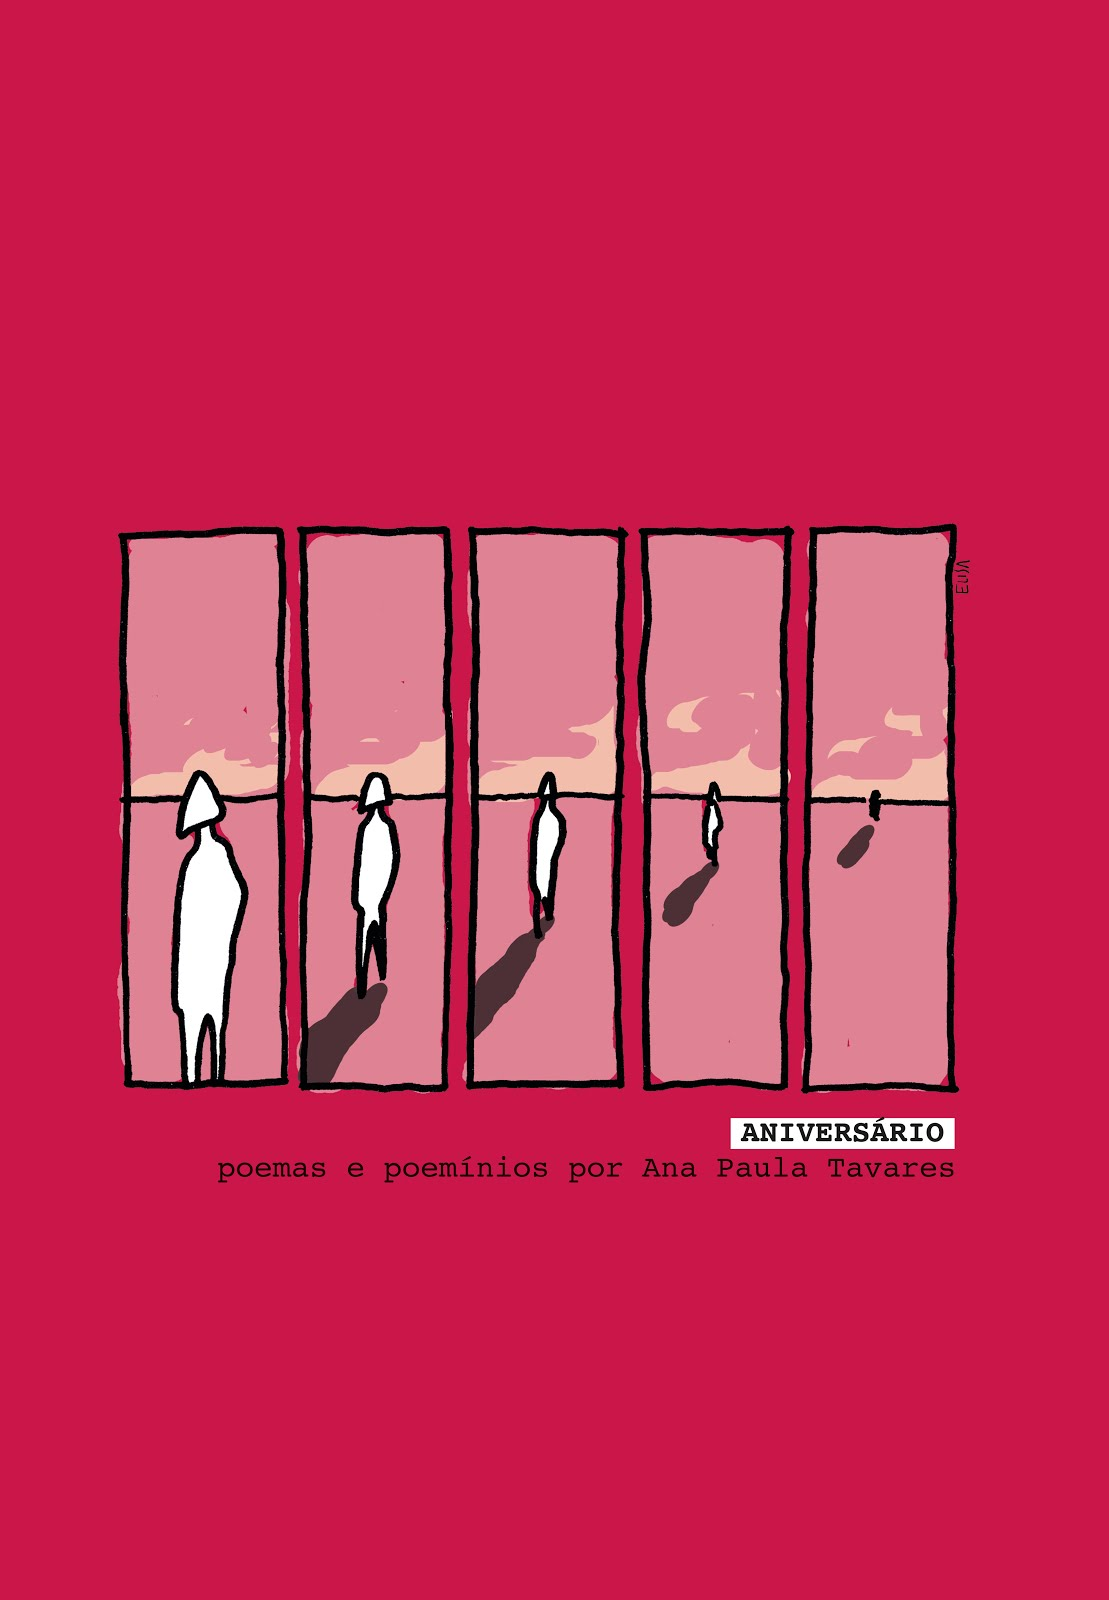 E-book - Aniversário: poemas e poemínios por Ana Paula Tavares